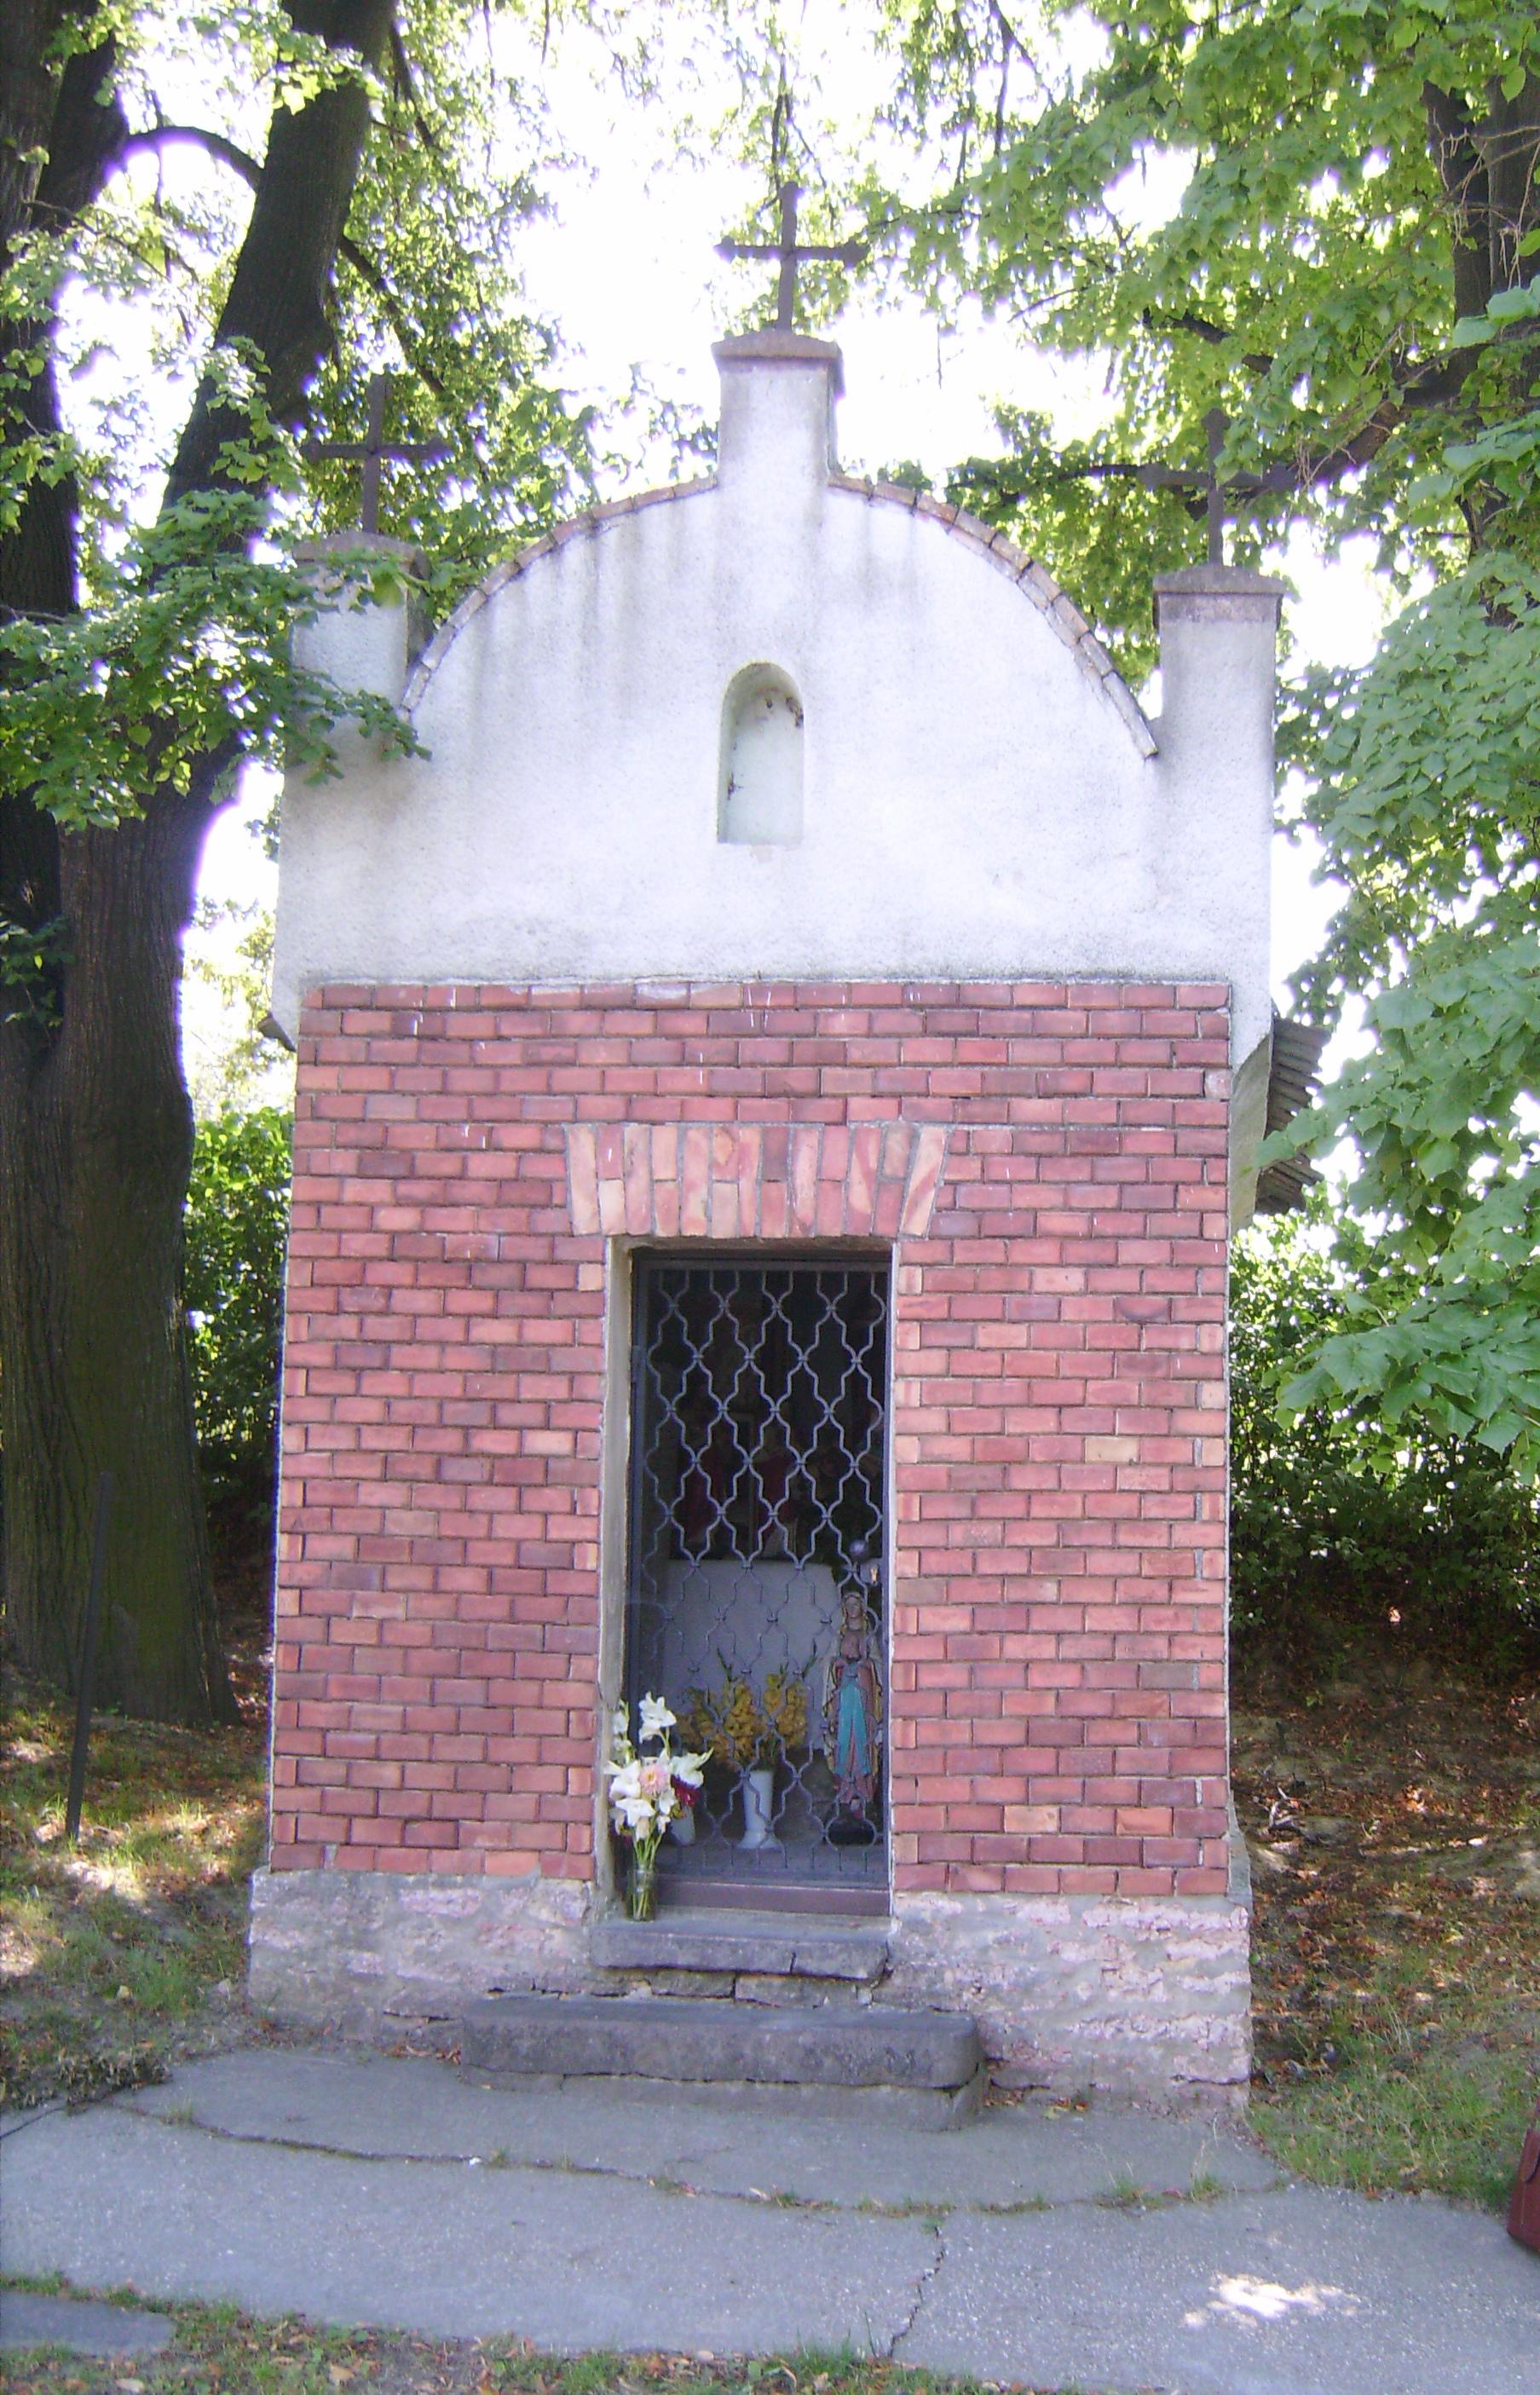 Ezt a kis kápolnát (?) a falu felé vezető úton lőttük, sajnos nem tudtam róla kiderítani semmit.